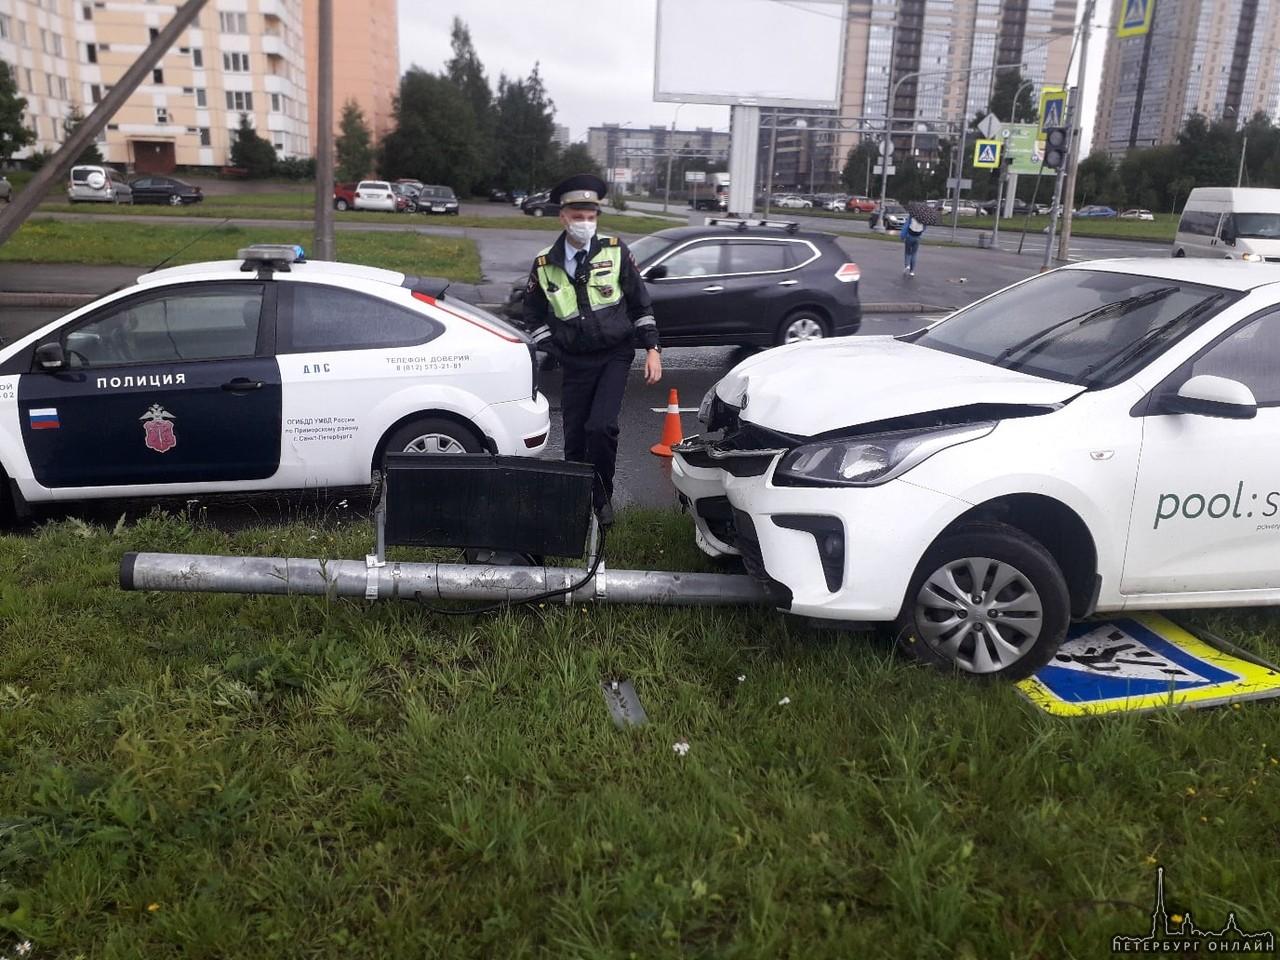 Каршеринговая Киа сбила столб со знаком пешеходного перехода на резделителе перекрёстка Вербной и ...